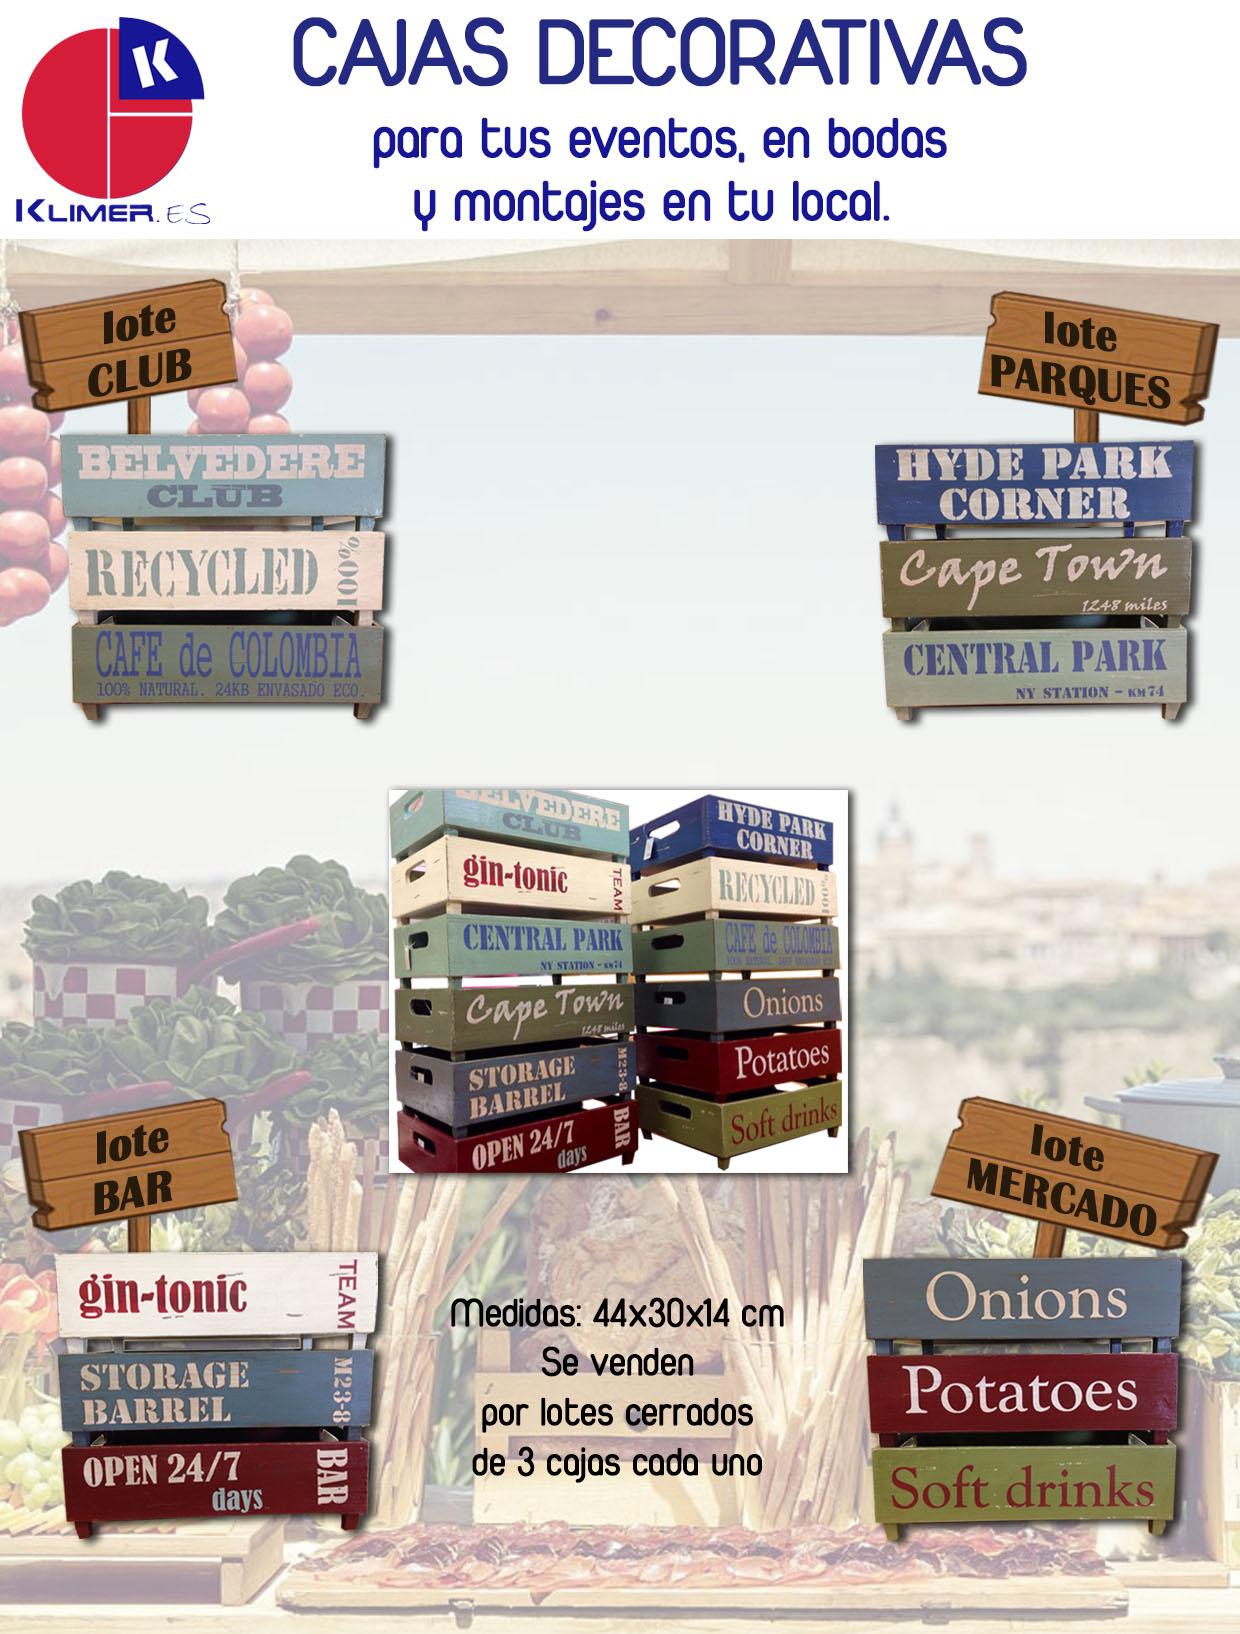 Cajas decorativas para tus eventos tematizados